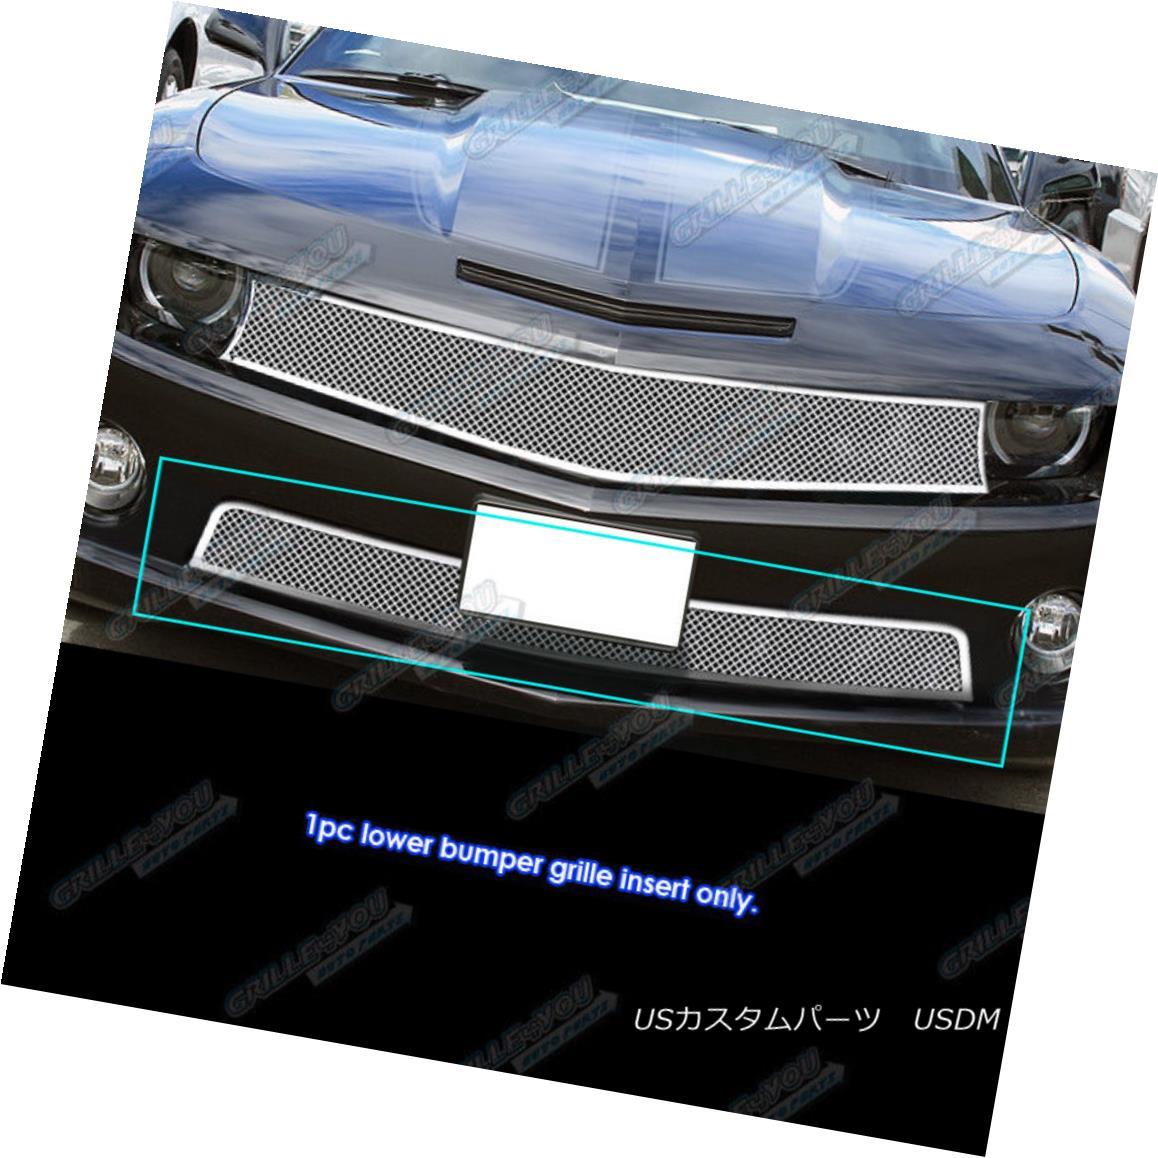 グリル Fit 2010-2013 Chevy Camaro SS V8 Bumper Stainless Steel Mesh Grille Grill Insert フィット2010~2013シボレーカマロSS V8バンパーステンレスメッシュグリルグリルインサート